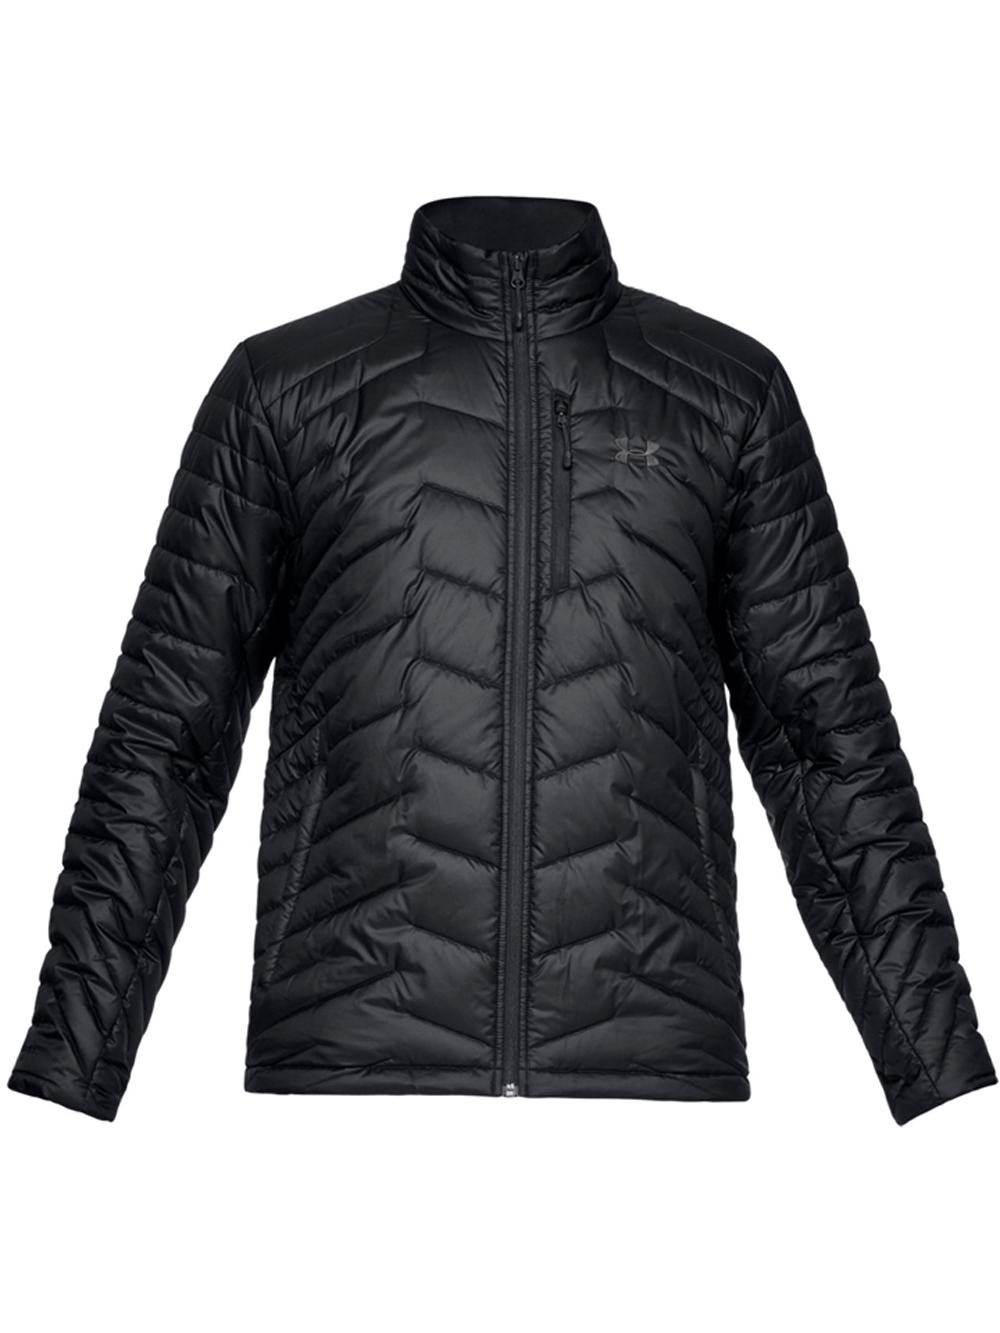 מעיל פוך שחור אנדר ארמור לגבר 1316010-001 Under Armour ColdGear Reactor Jacket